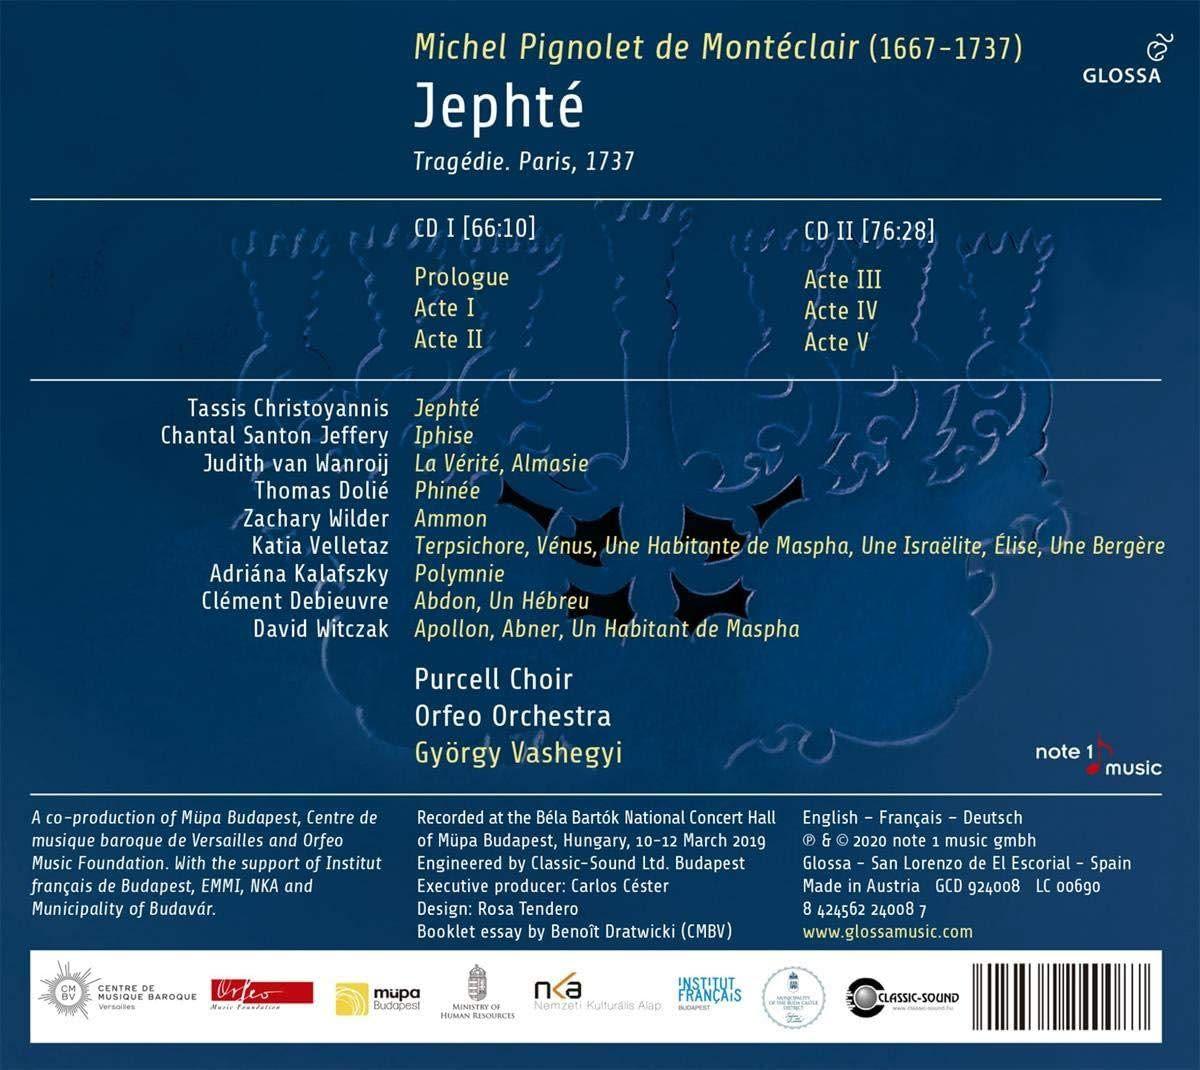 Photo No.2 of Michel Pignolet de Monteclair: Jephte